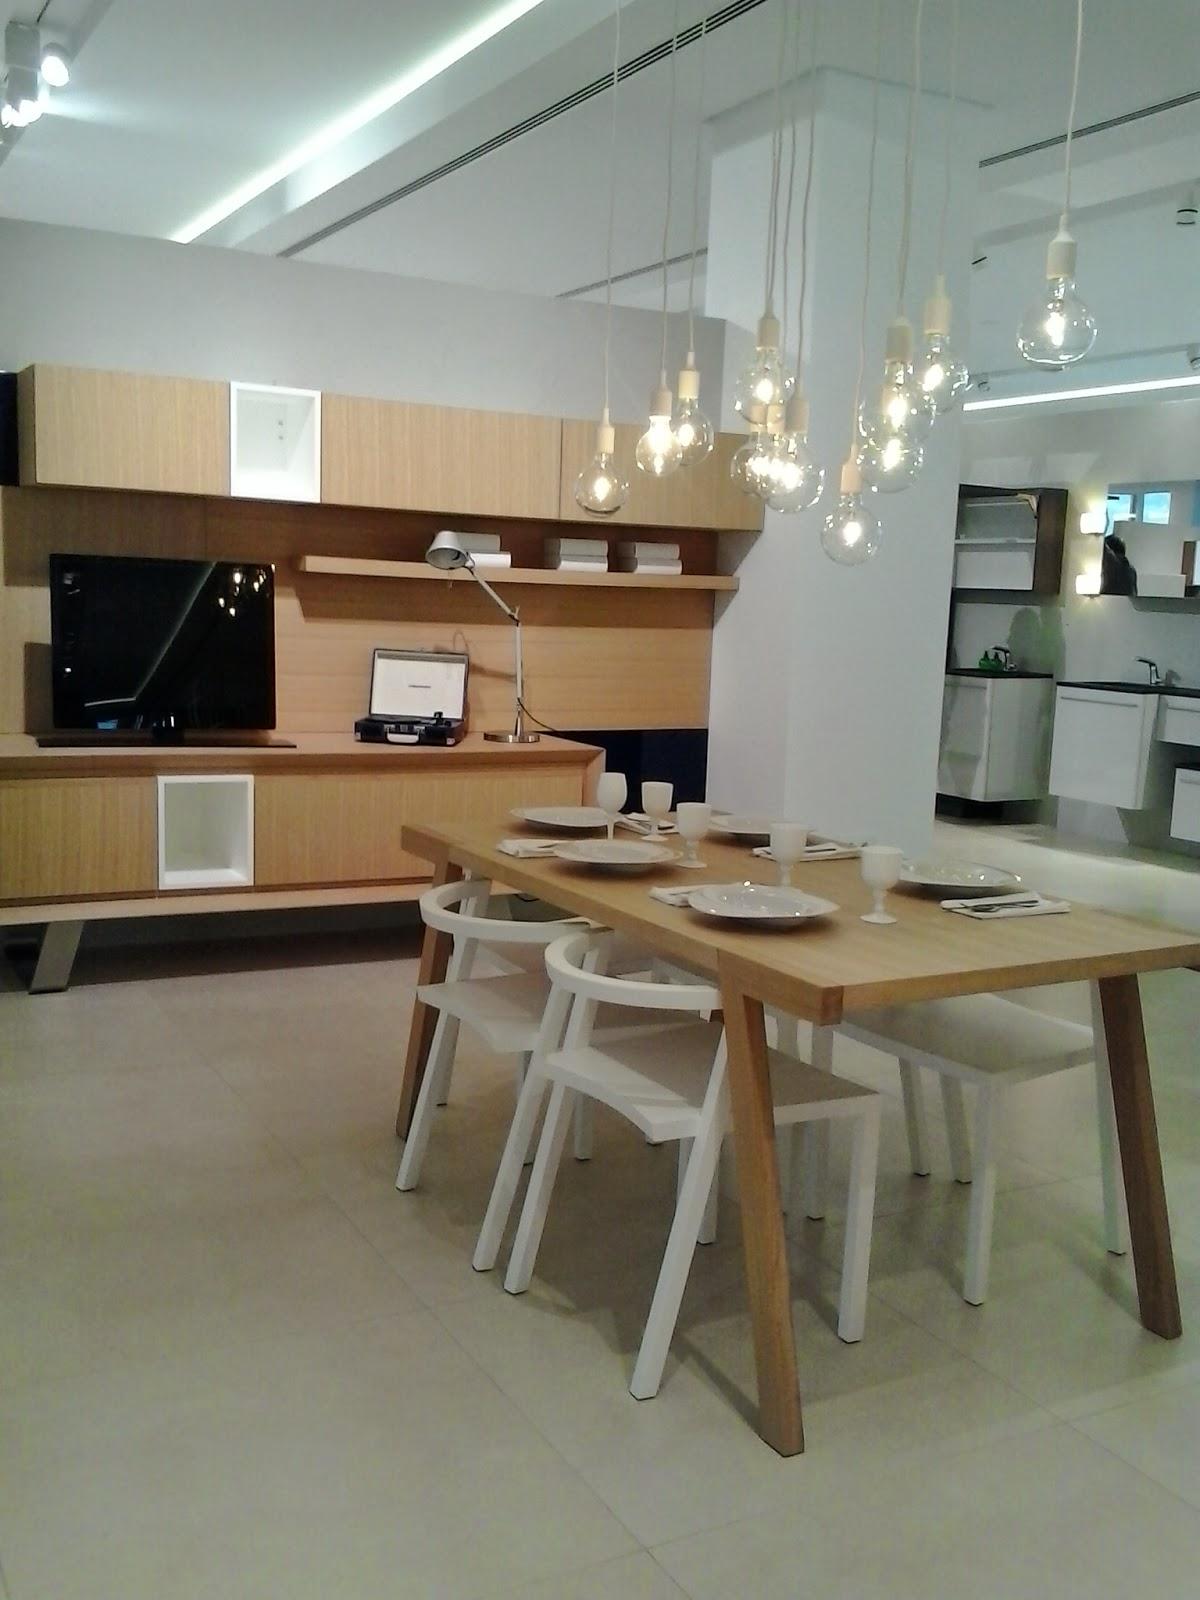 cozinhas das mais modernas que existem fabricadas com materiais de  #63482D 1200 1600